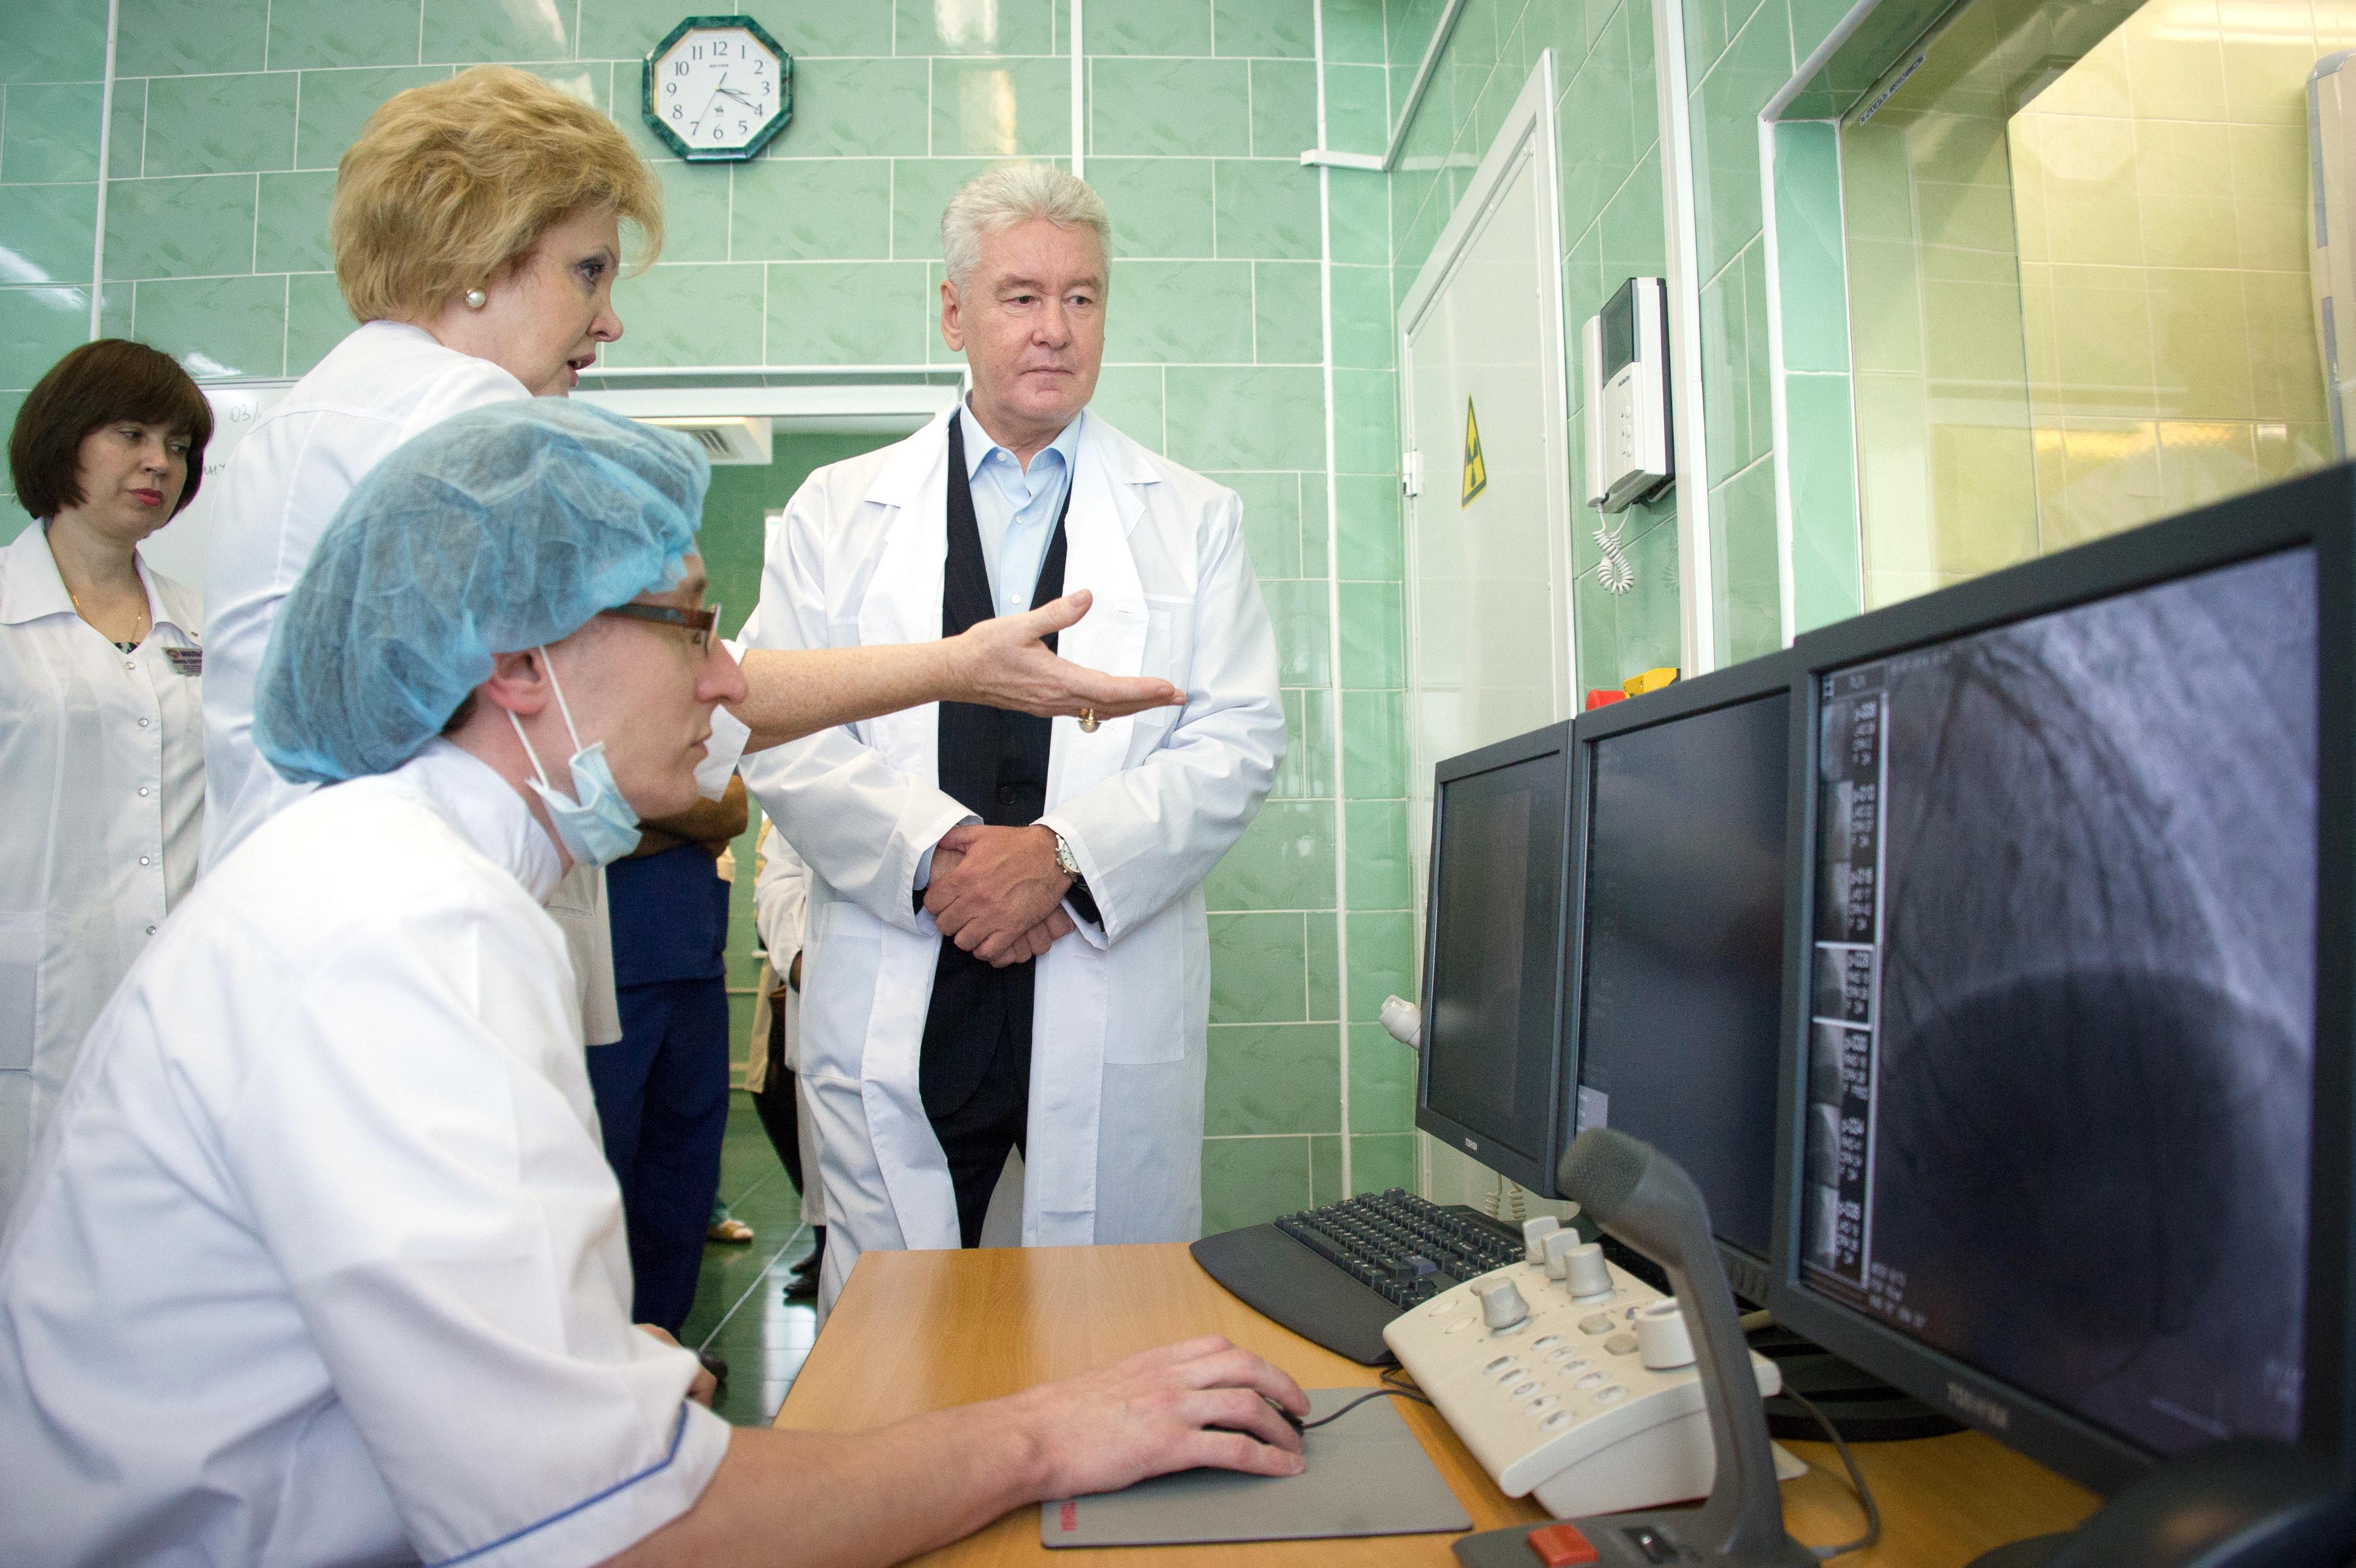 Сергей Собянин беседует с врачами клинико-диагностического отделения больницы № 64